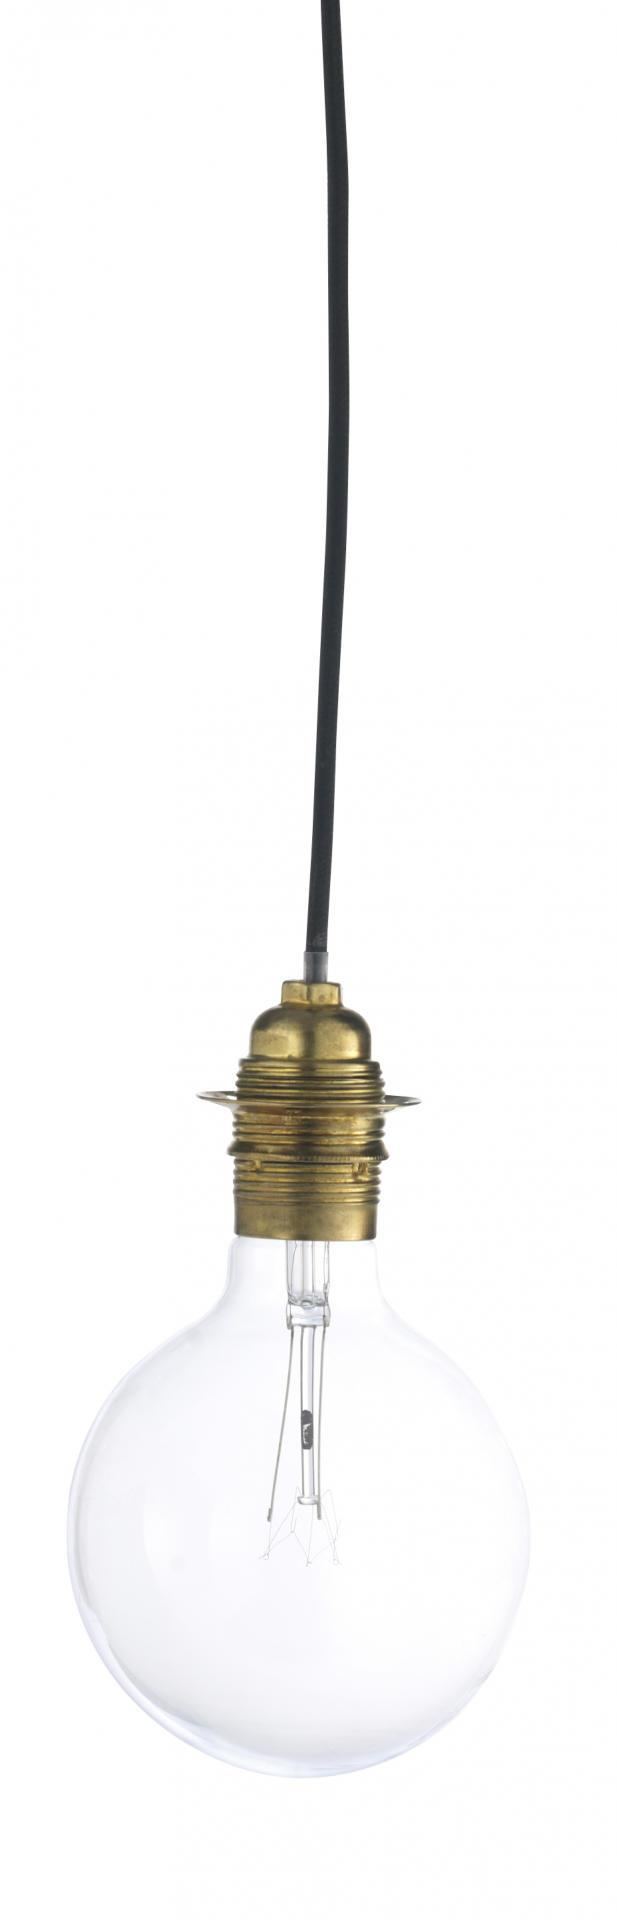 MADAM STOLTZ Kabel s objímkou (E27) na žárovku Brass, žlutá barva, kov